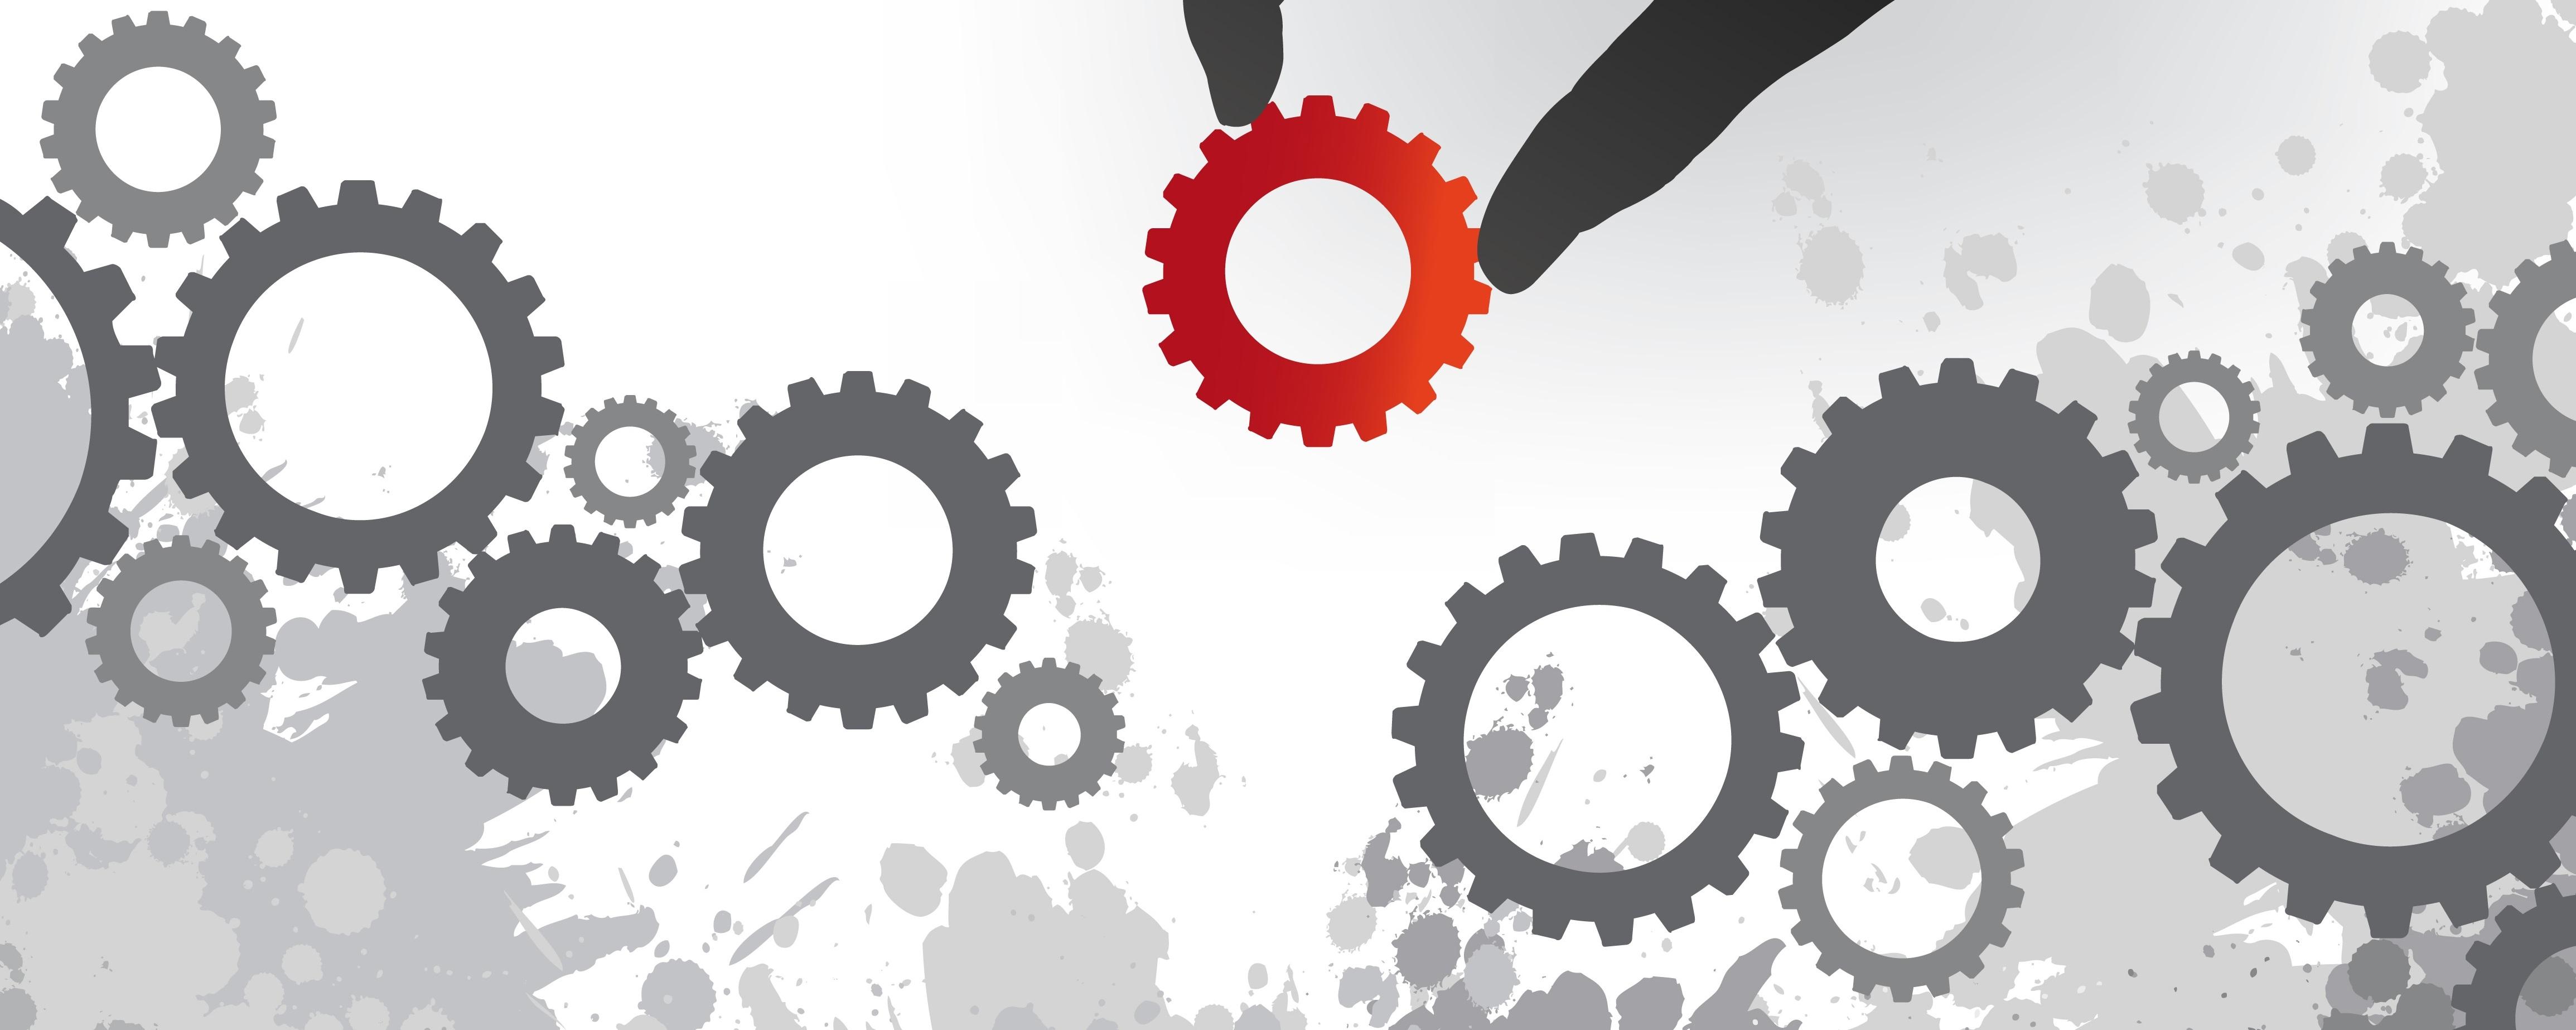 پیششرطهای پرداخت وام به تولیدکنندگان بدهکار/ شروط افزایش ارزش افزوده بخش صنعت